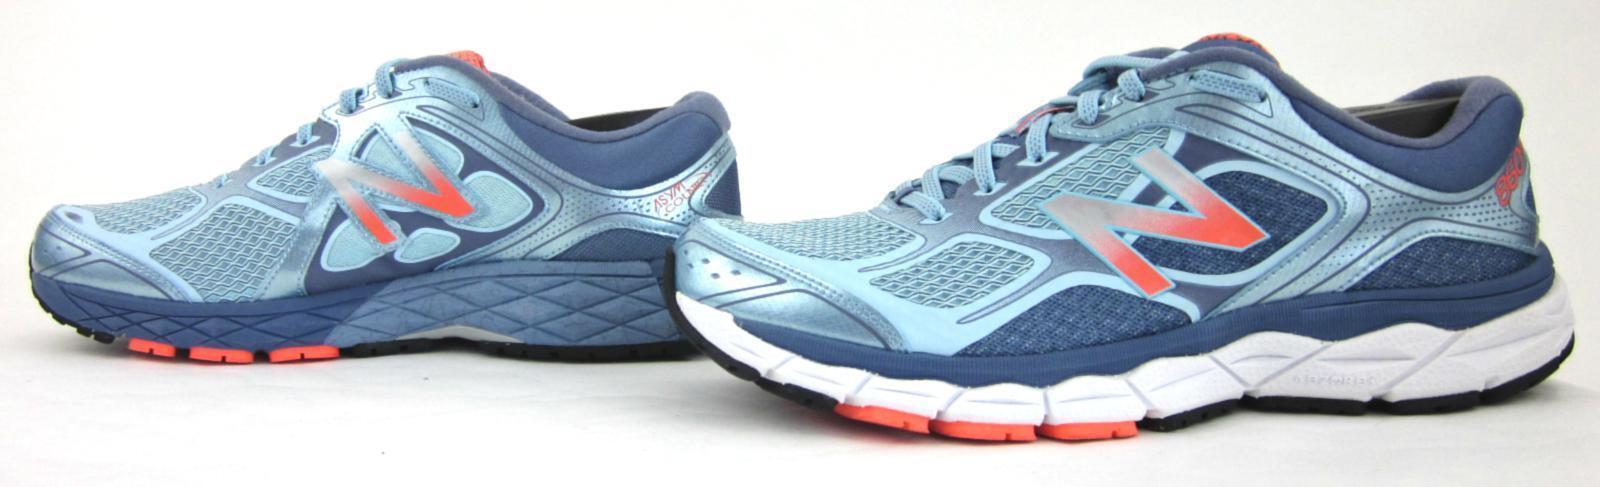 entrega de rayos New balance 860v6 Mujeres Tenis para Correr Correr Correr nos Azul Claro 11.5D ancho cerca de MINT   diseños exclusivos